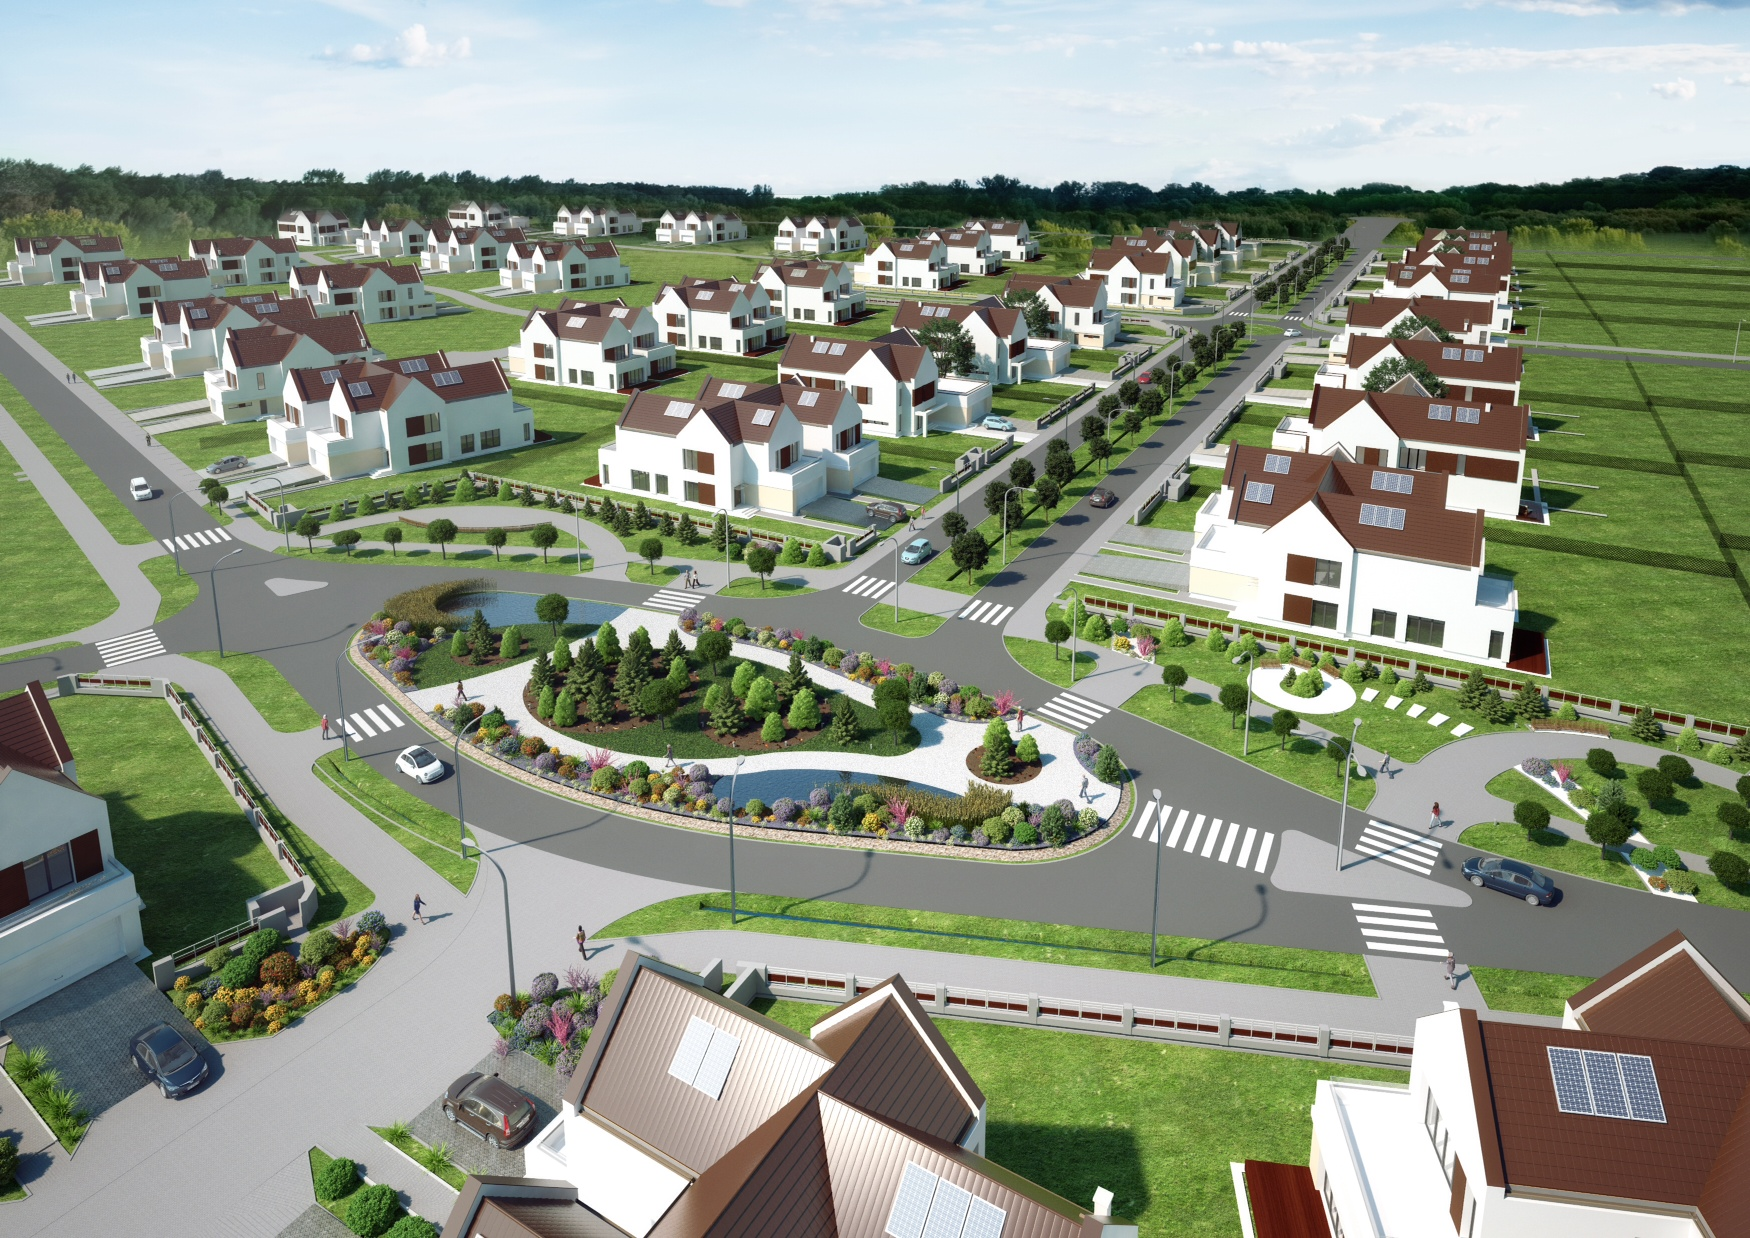 Wizualizacja osiedla (fot. materiały prasowe)